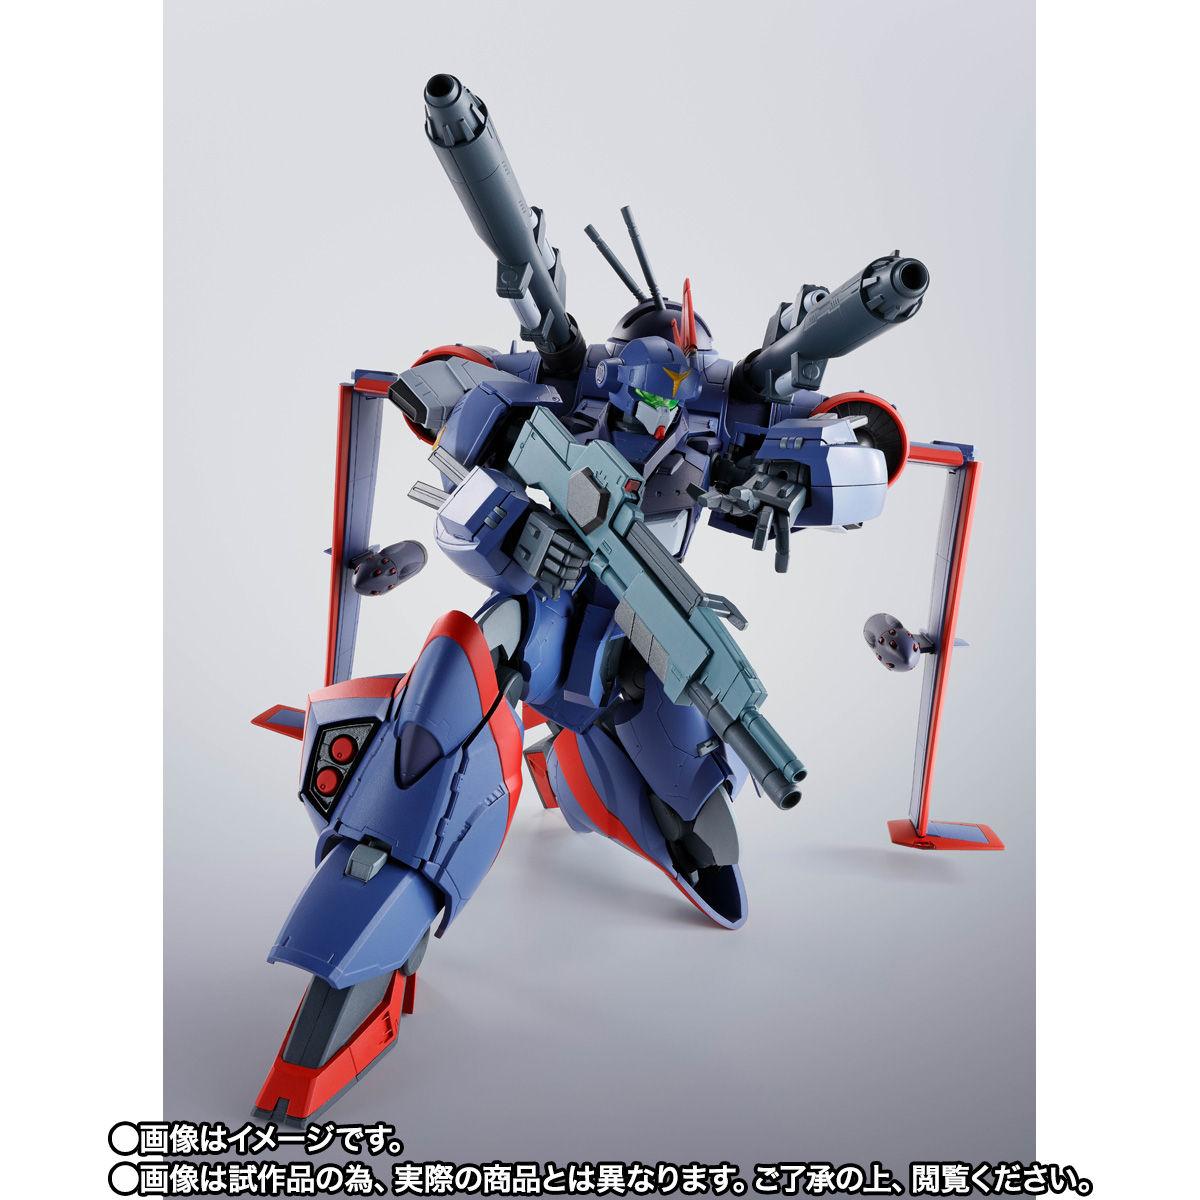 【限定販売】HI-METAL R『ドラグナー2カスタム』機甲戦記ドラグナー 可動フィギュア-006